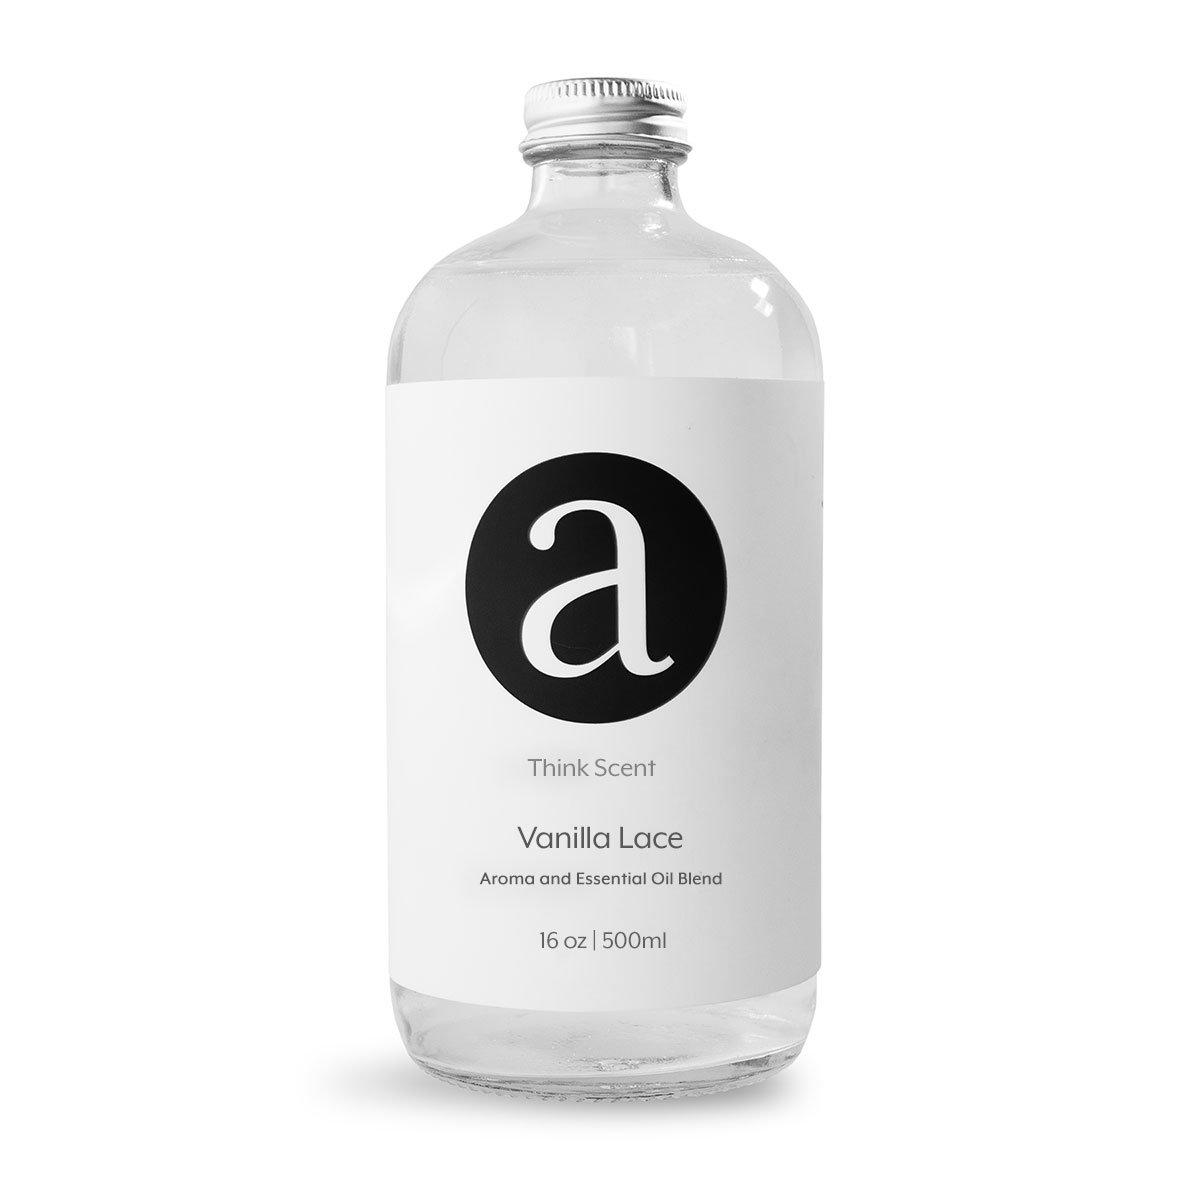 (Vanilla Lace) Aroma / Fragrance Oil For AromaTech Air Freshener Scent Diffuser (Half Gallon)